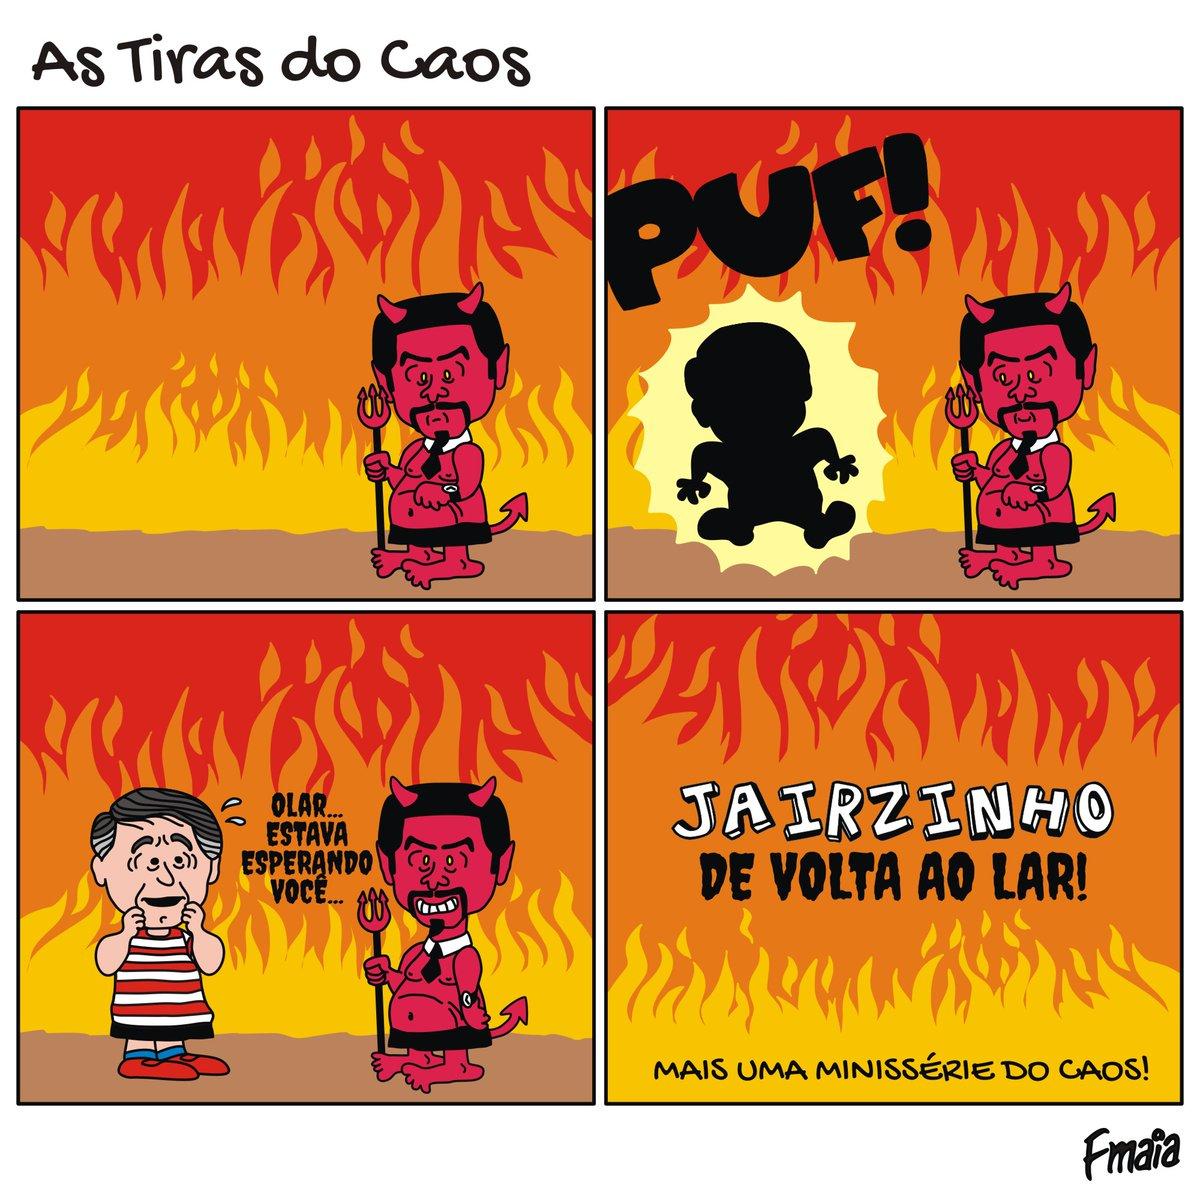 Vocês estão preparados pra mais uma minissérie caótica?!? Então  TOMA!!! 🤣🤣🤣 - #astirasdocaos #brasil #meme #quadrinhos #comicstrip #atchurmadojairzinho #peanuts #biroliro #bozonero #salnorabo #bolsonaro #devoltaaolar #inferno #capeta #homecoming #cristofobia #sitcom https://t.co/Eun05WfsTR